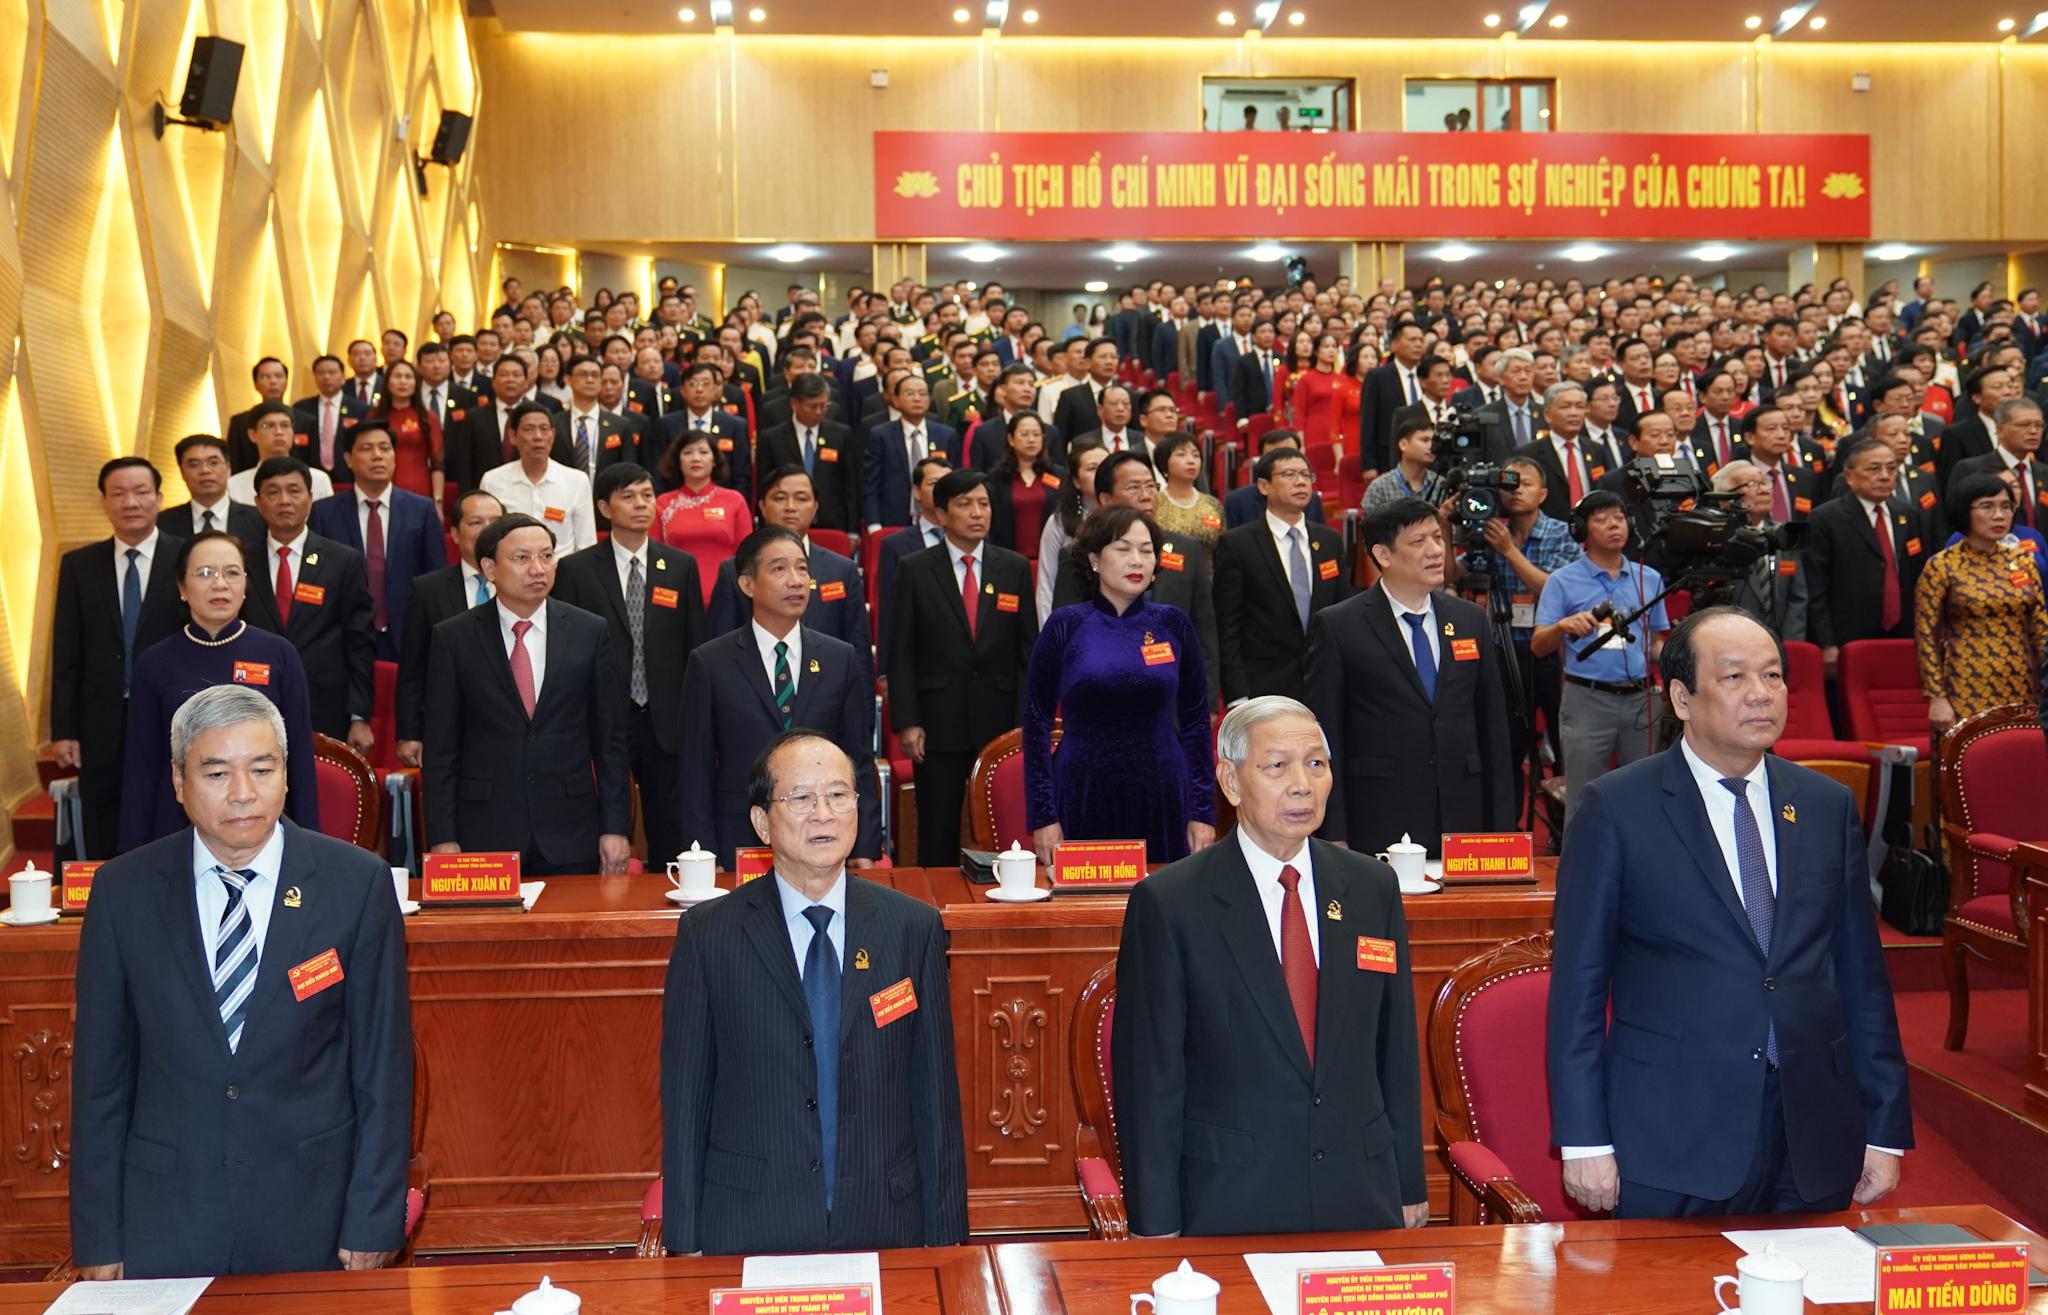 Các đại biểu thực hiện nghi thức chào cờ tại phiên khai mạc Đại hội đại biểu Đảng bộ thành phố Hải Phòng. Ảnh: VGP/Quang Hiếu